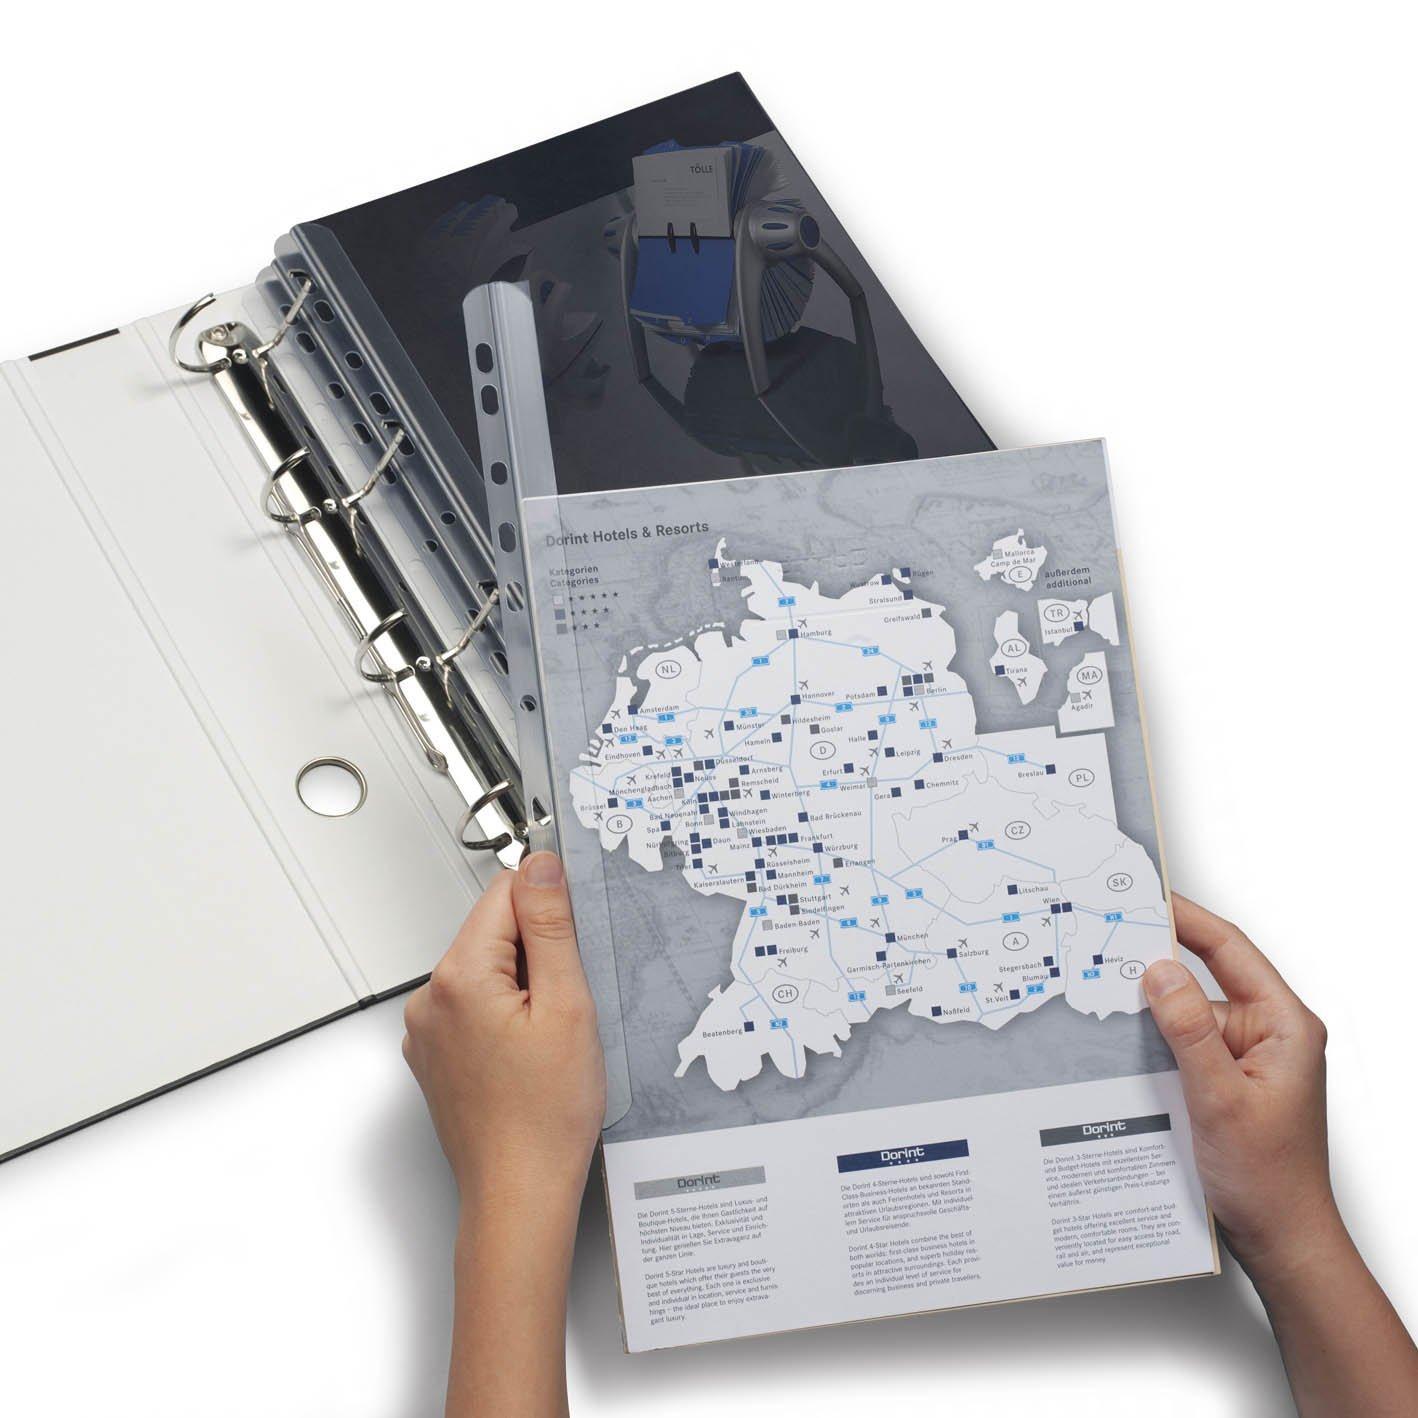 Dorsino rilegafogli DURABLE 290219 capacit/à 30 fogli lunghezza 297 mm confezione da 50 pezzi larghezza 14,5 mm dorso 3 mm trasparente